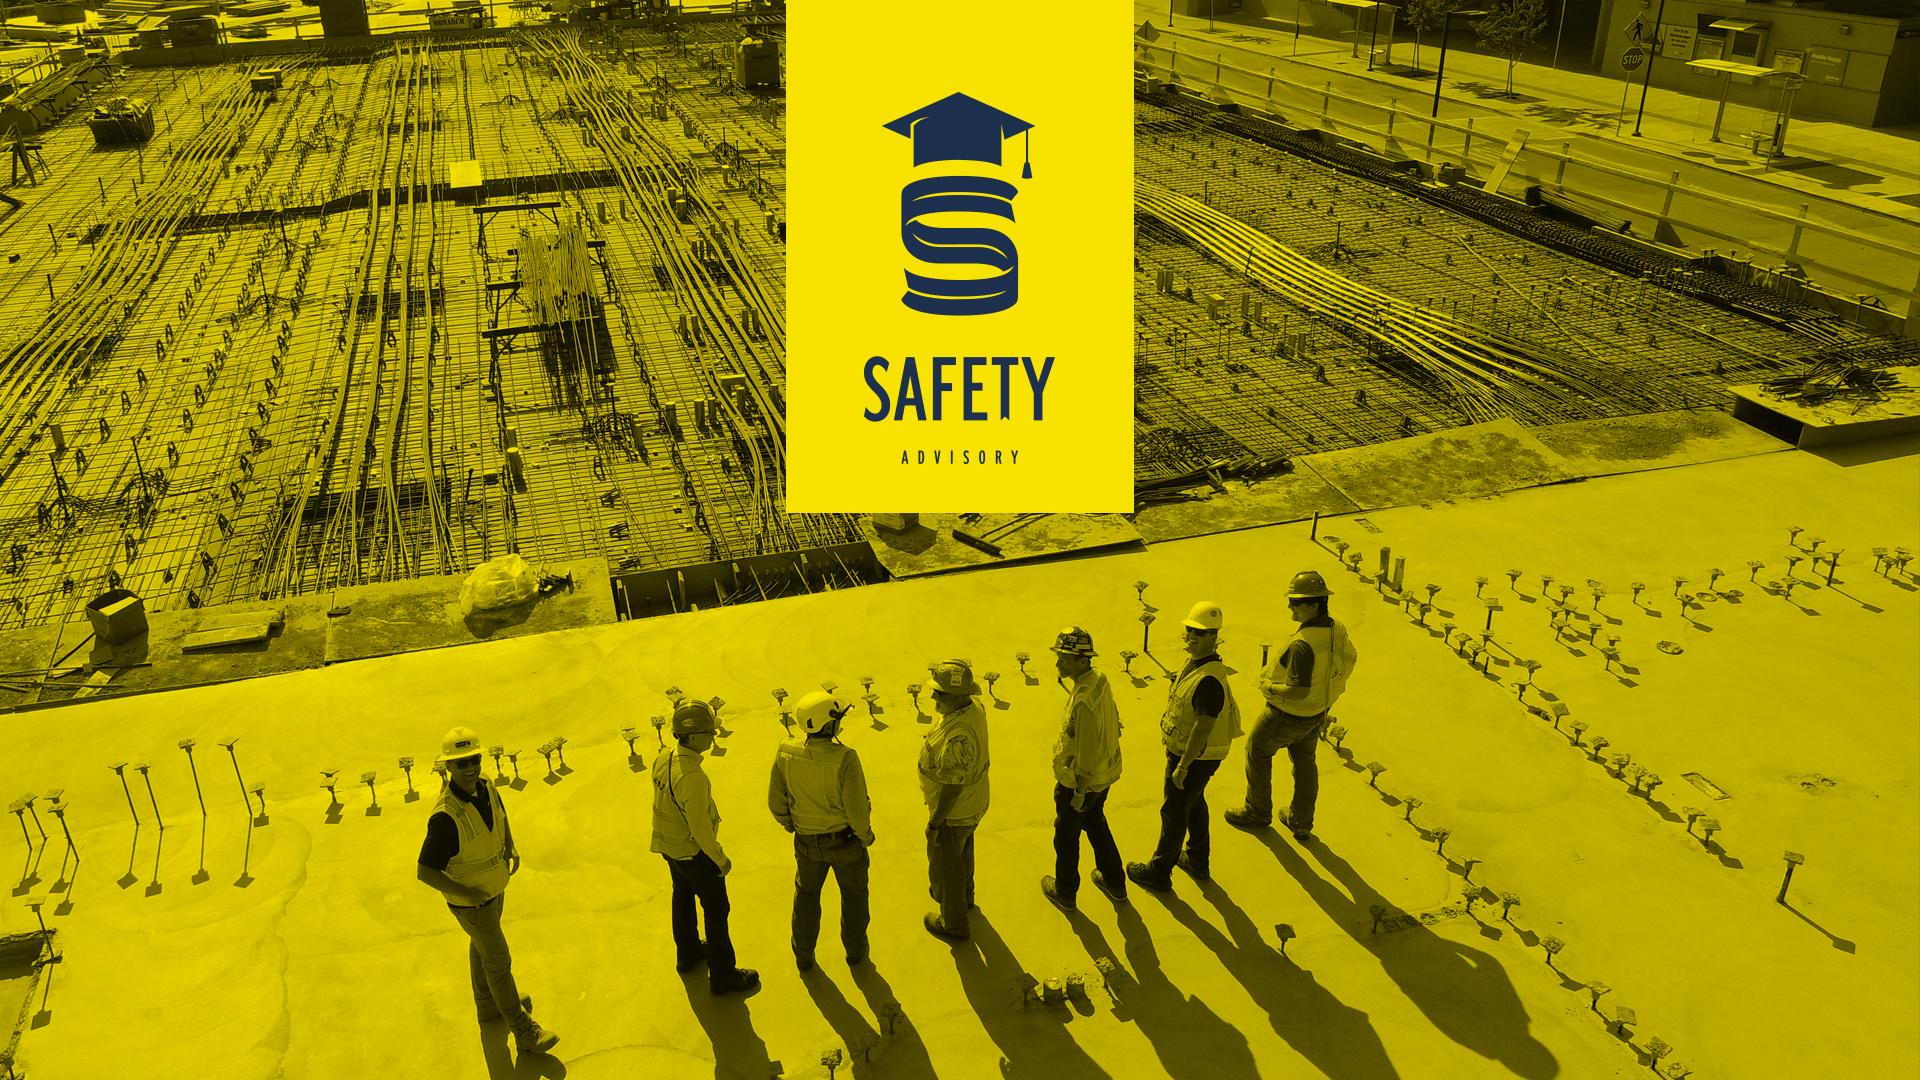 Safety Advisory